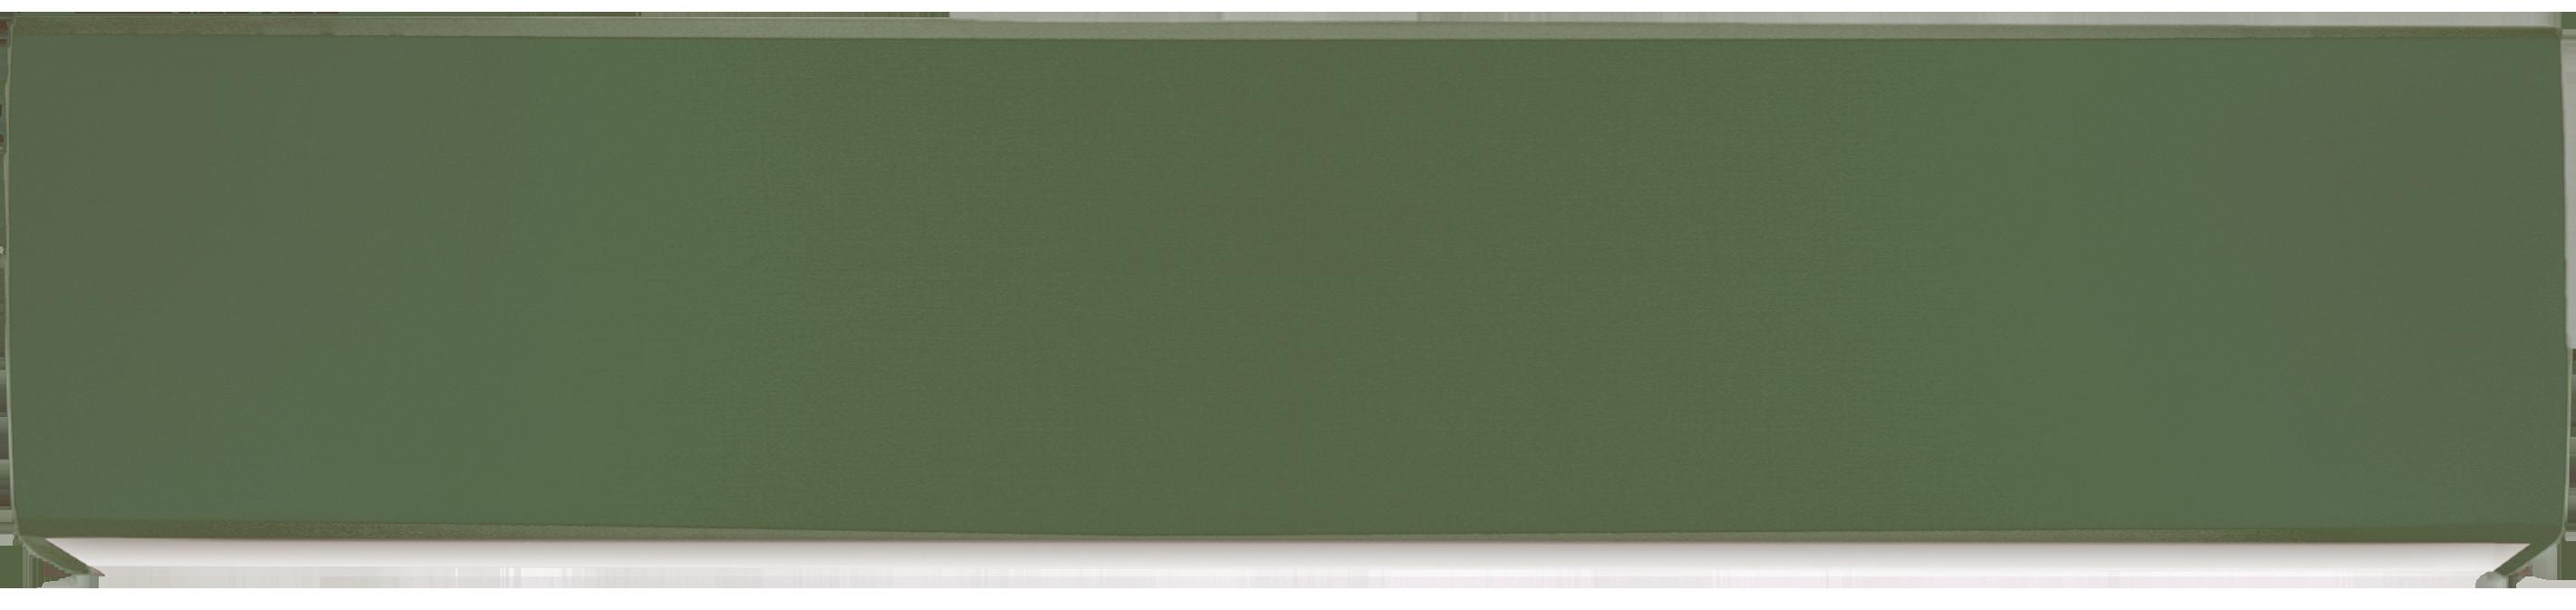 Светильник настенный  LINSET BS302/4W-700